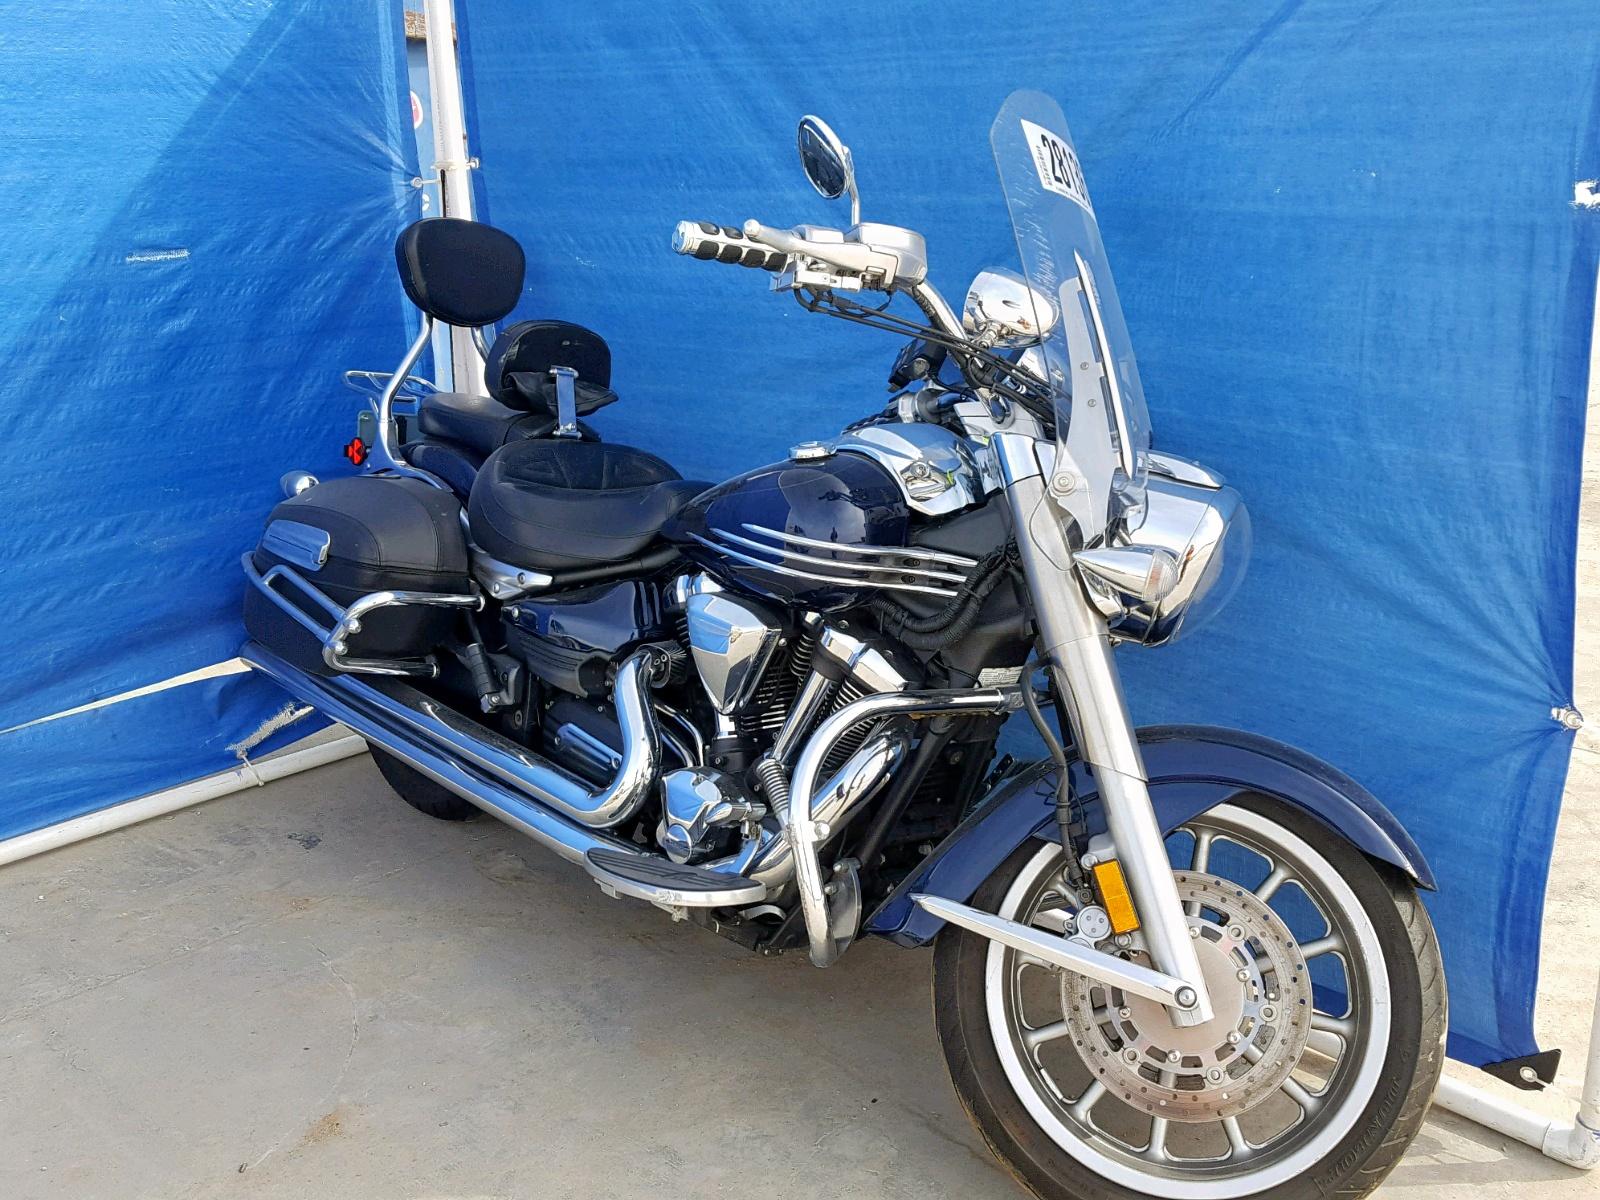 Salvage 2007 Yamaha XV1900 CT for sale